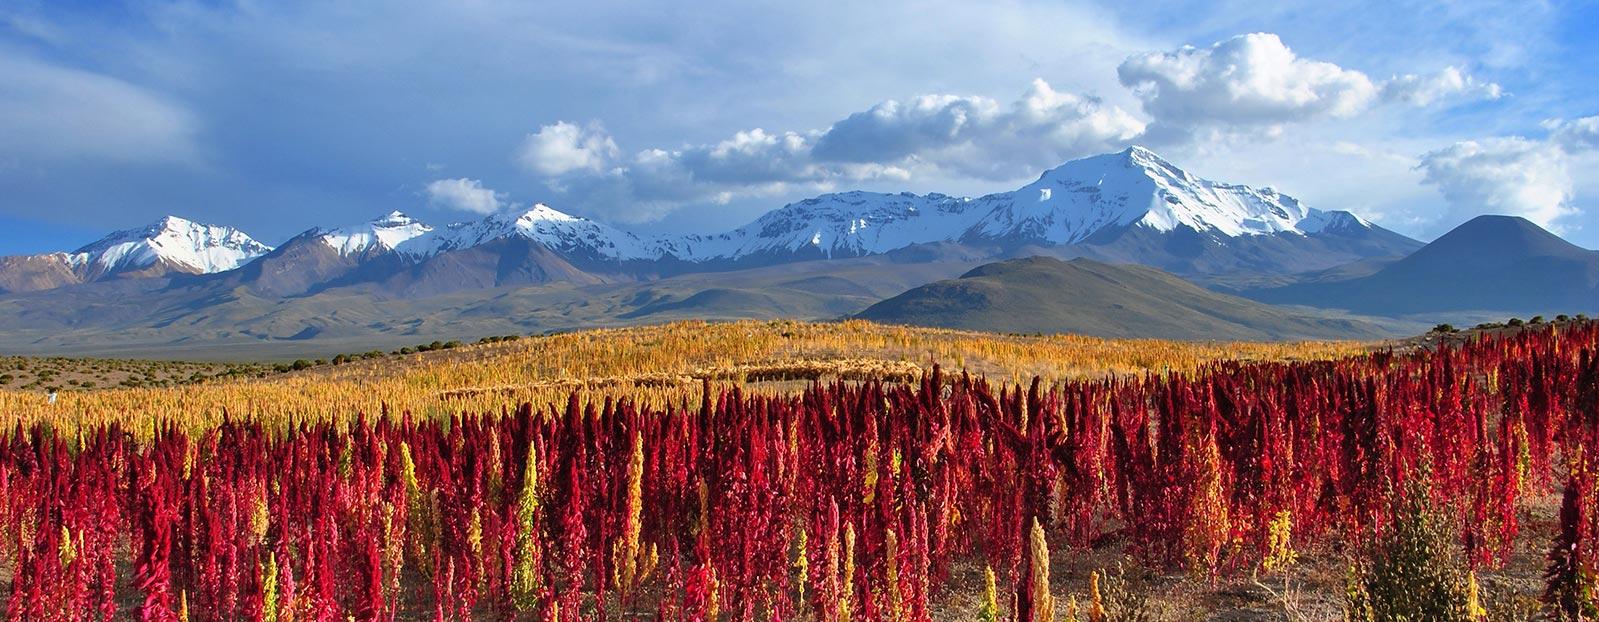 藜麦的自然栖息地